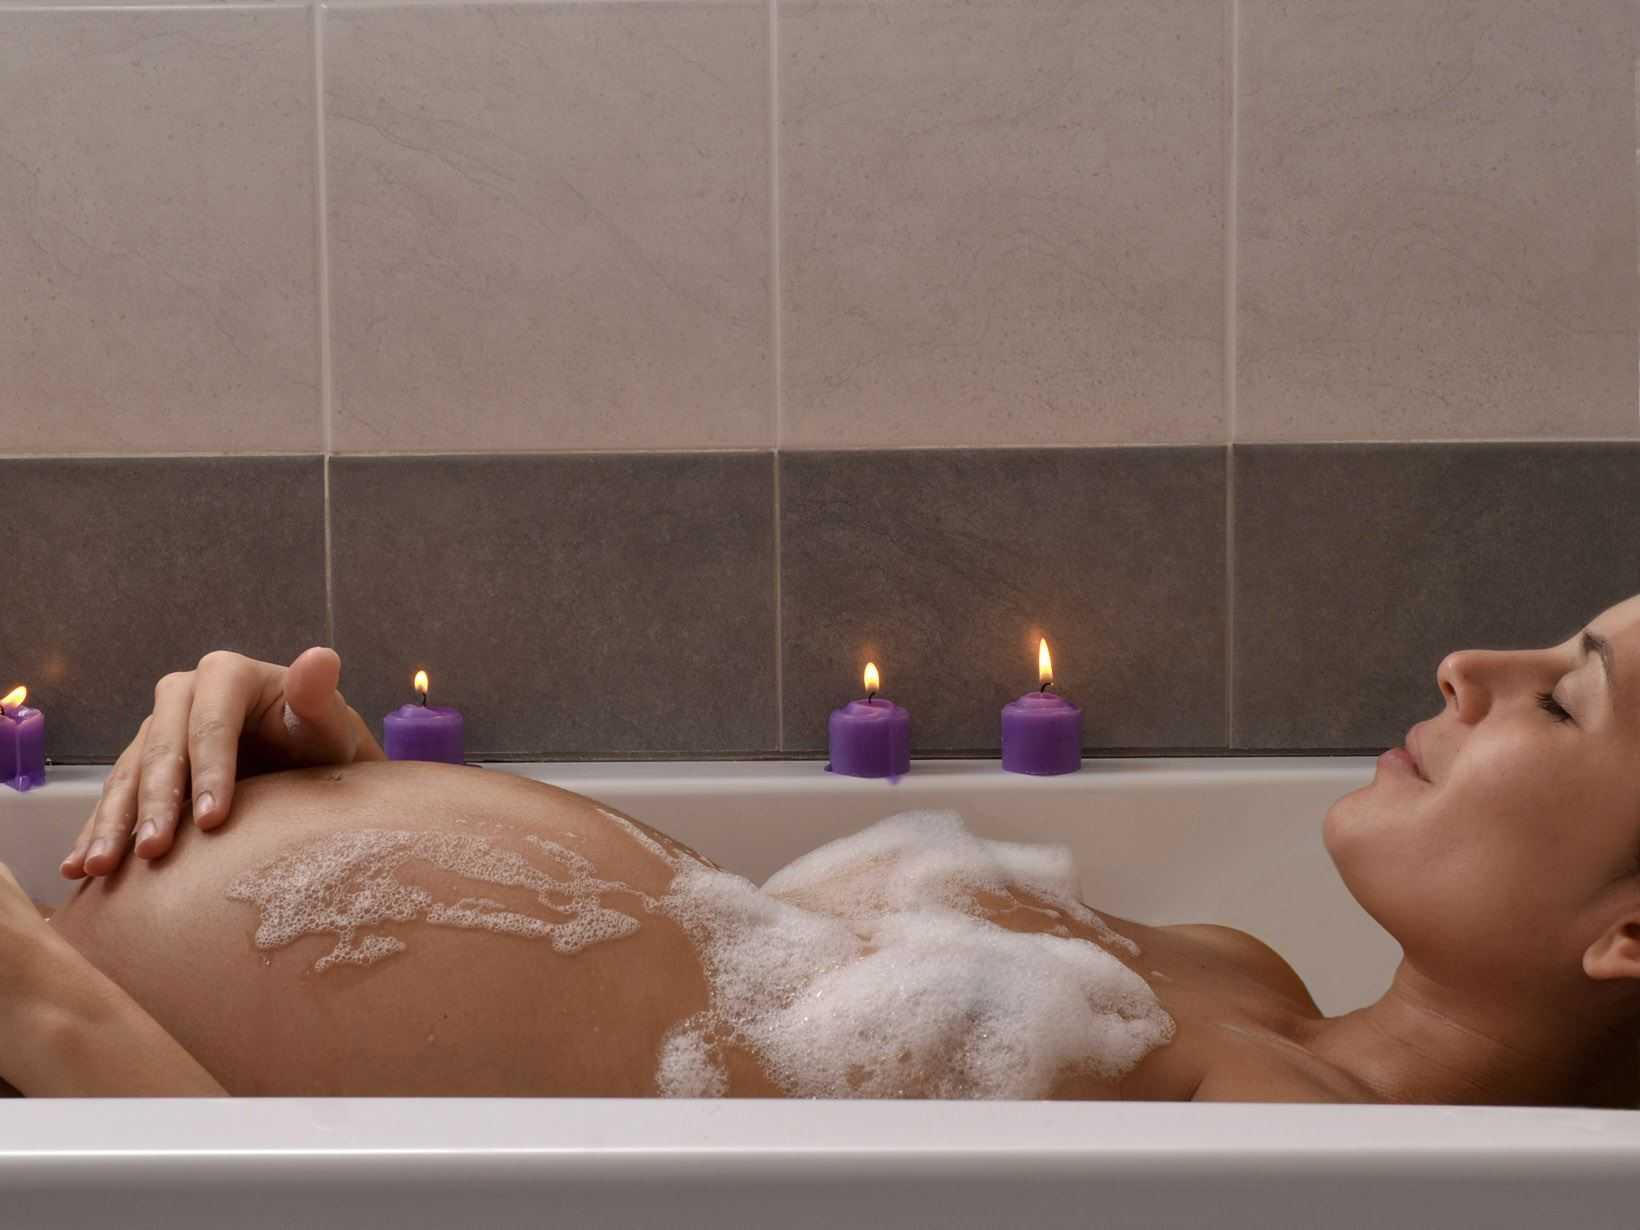 Швы после родов можно принимать ванну. когда после родов можно принимать ванну? ванна после родов – традиционный подход